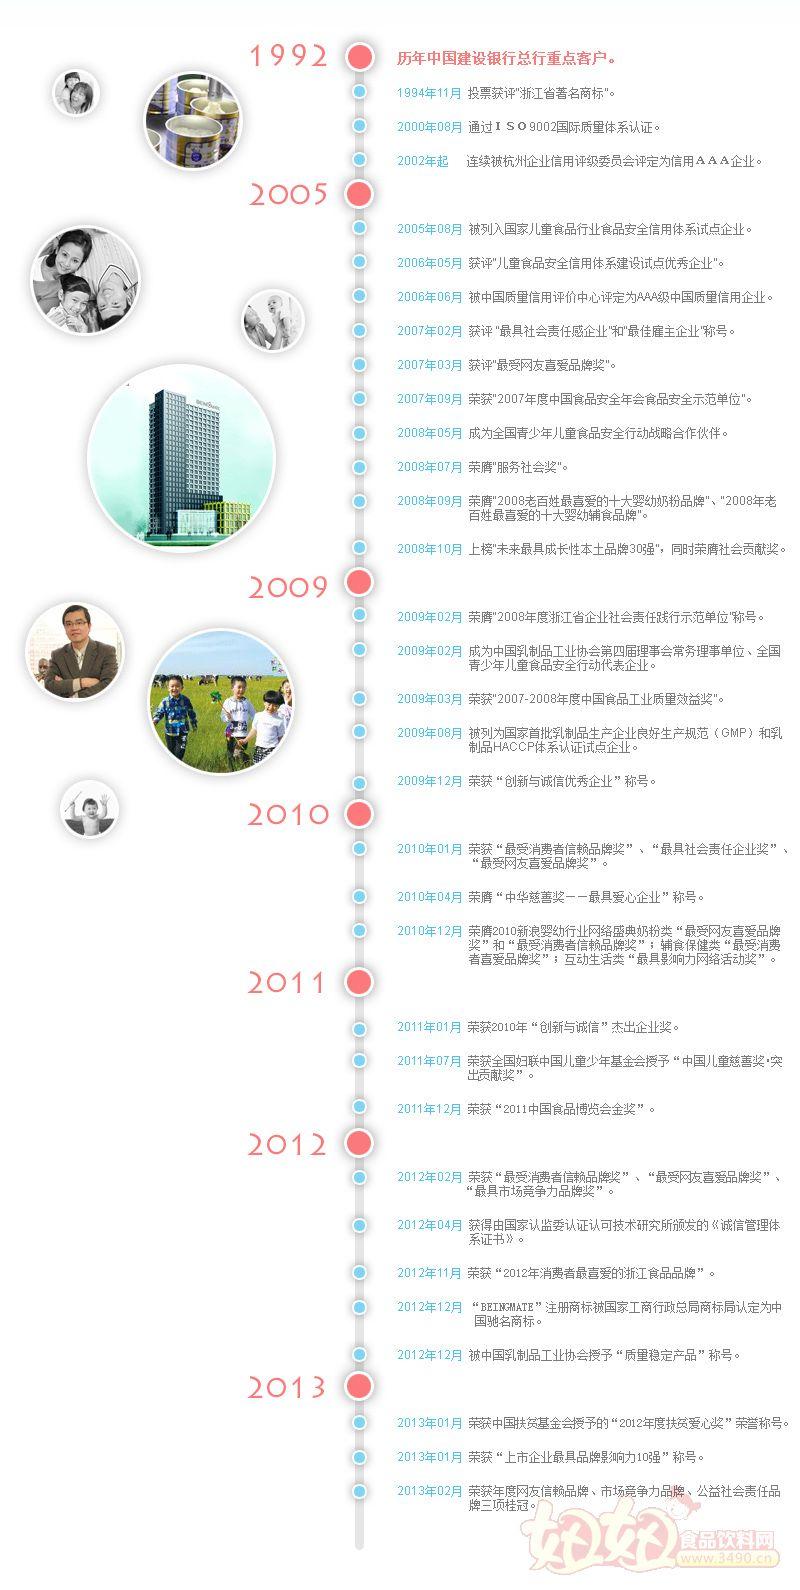 杭州贝因美集团有限公司荣誉资质